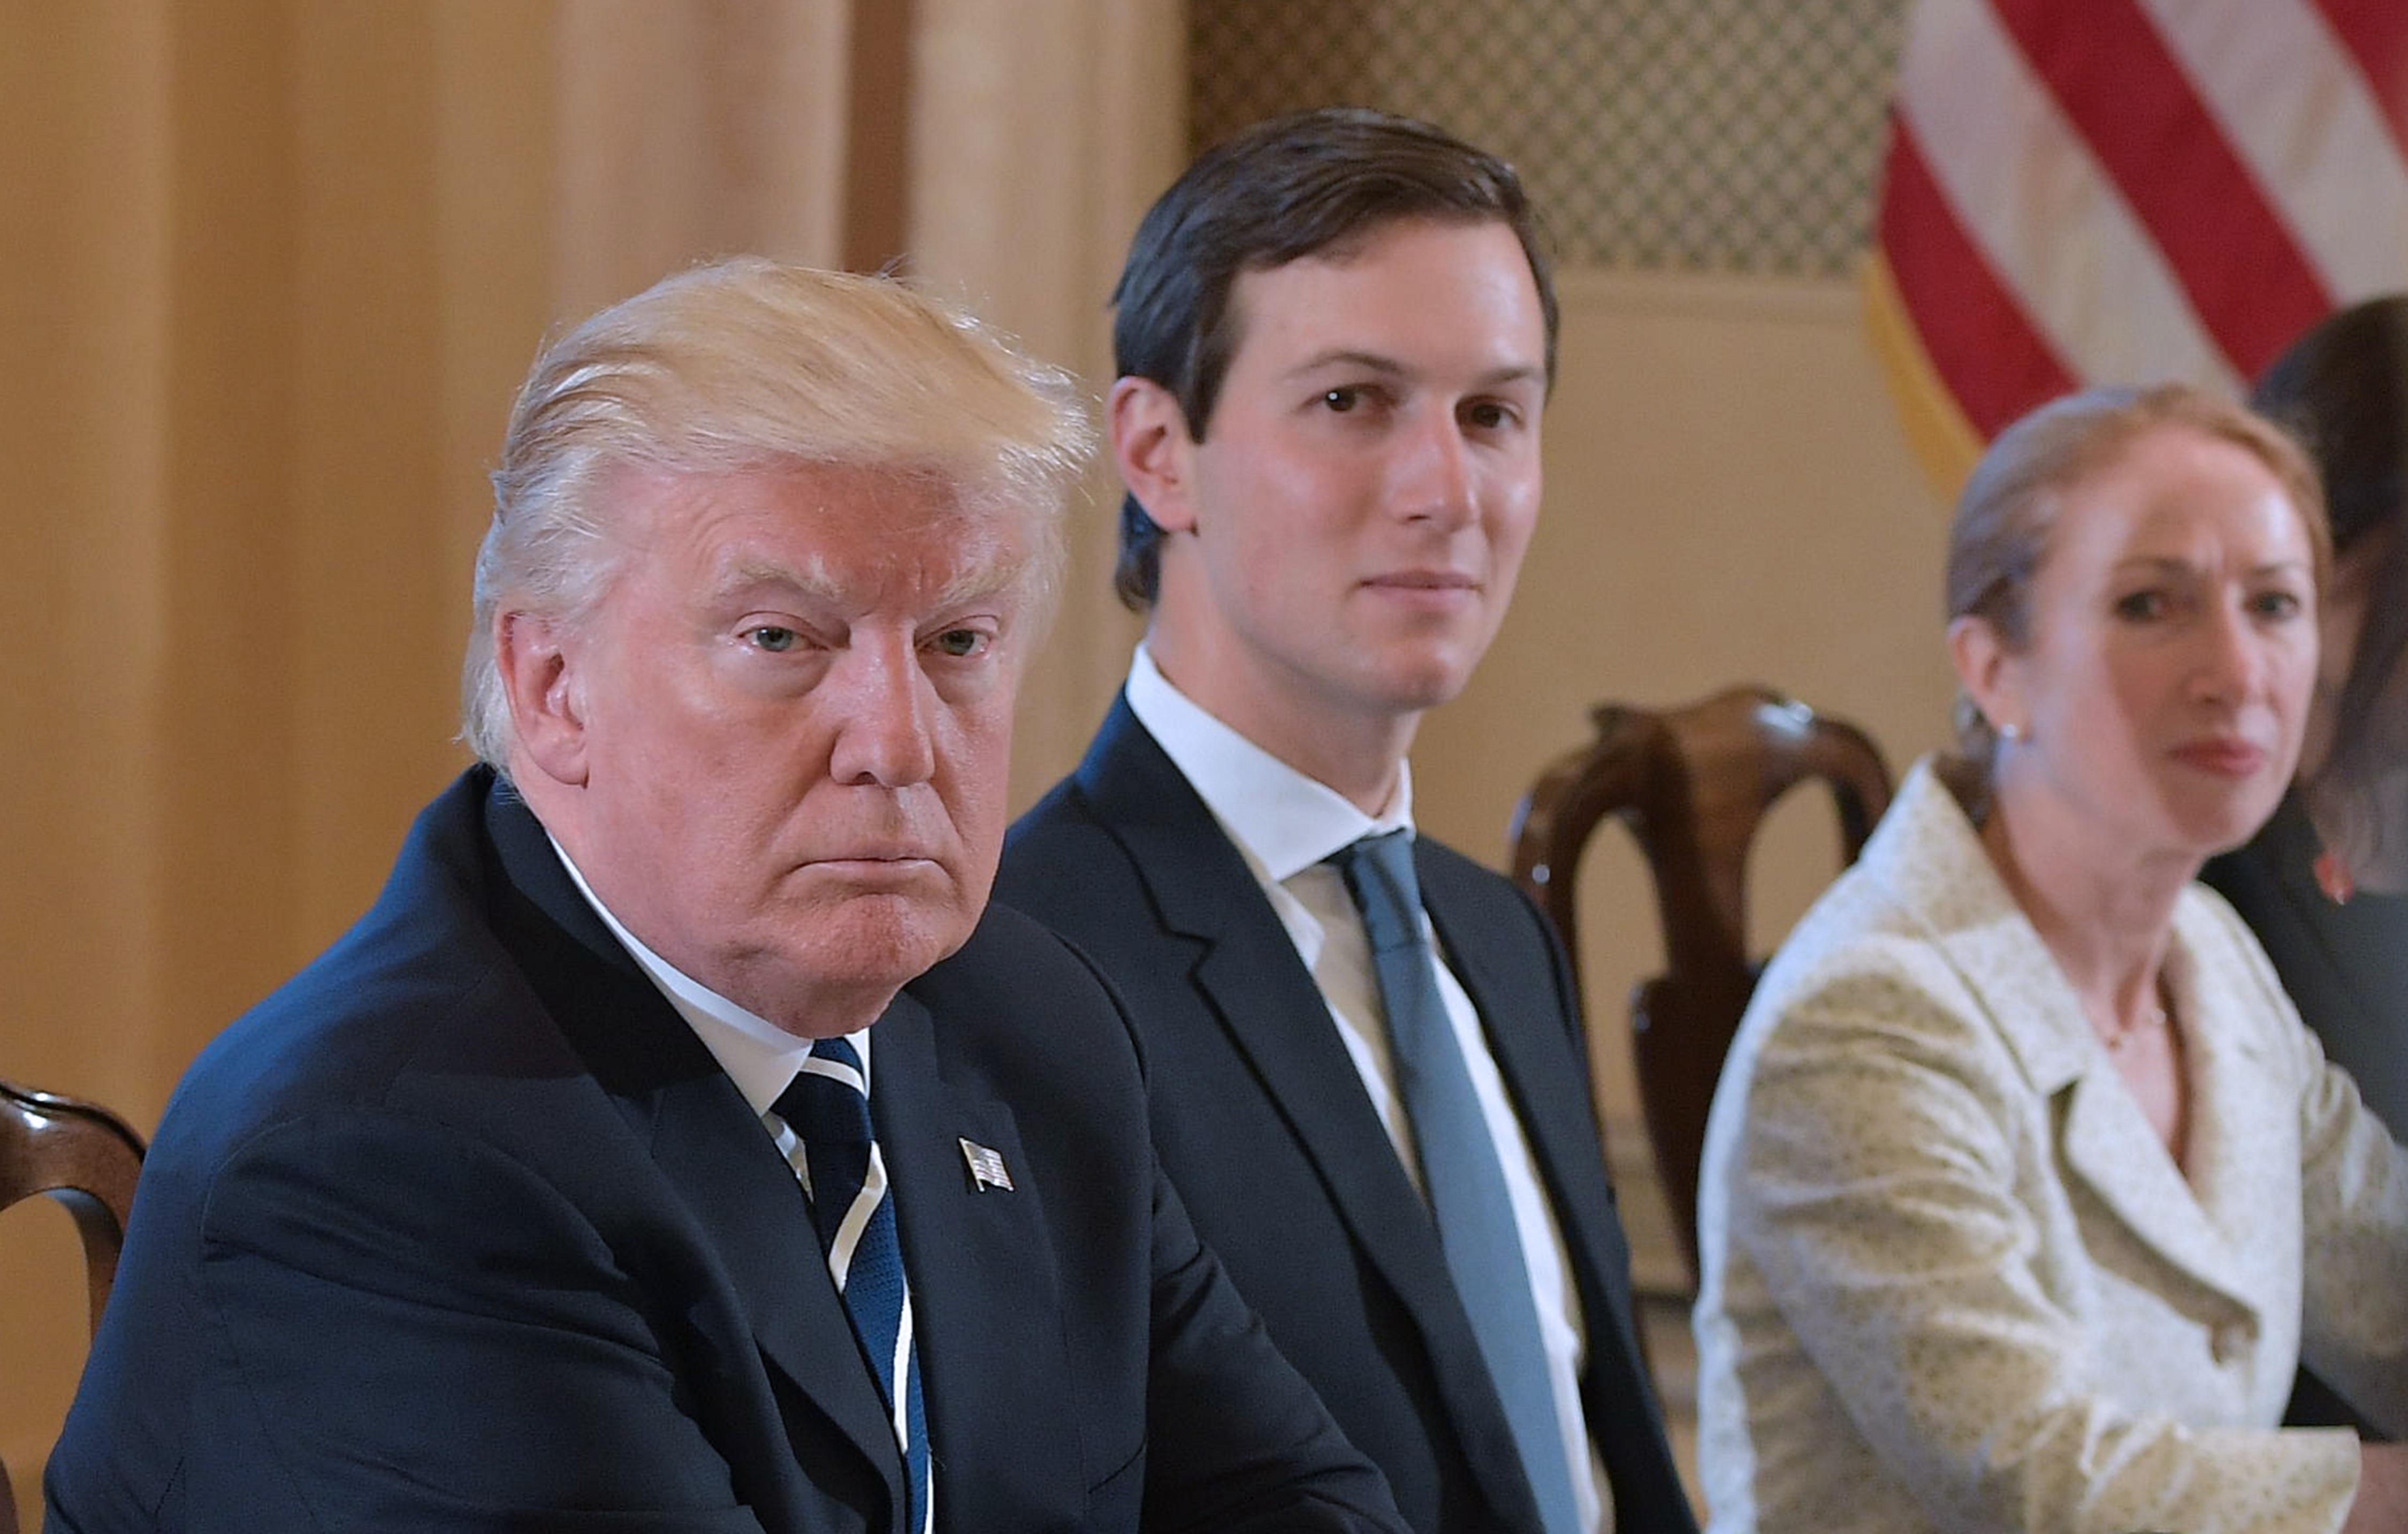 Különös egybeesések: Trump pont azután fordult Katar ellen, hogy a vejének nem sikerült félmilliárd dollárt szereznie onnan